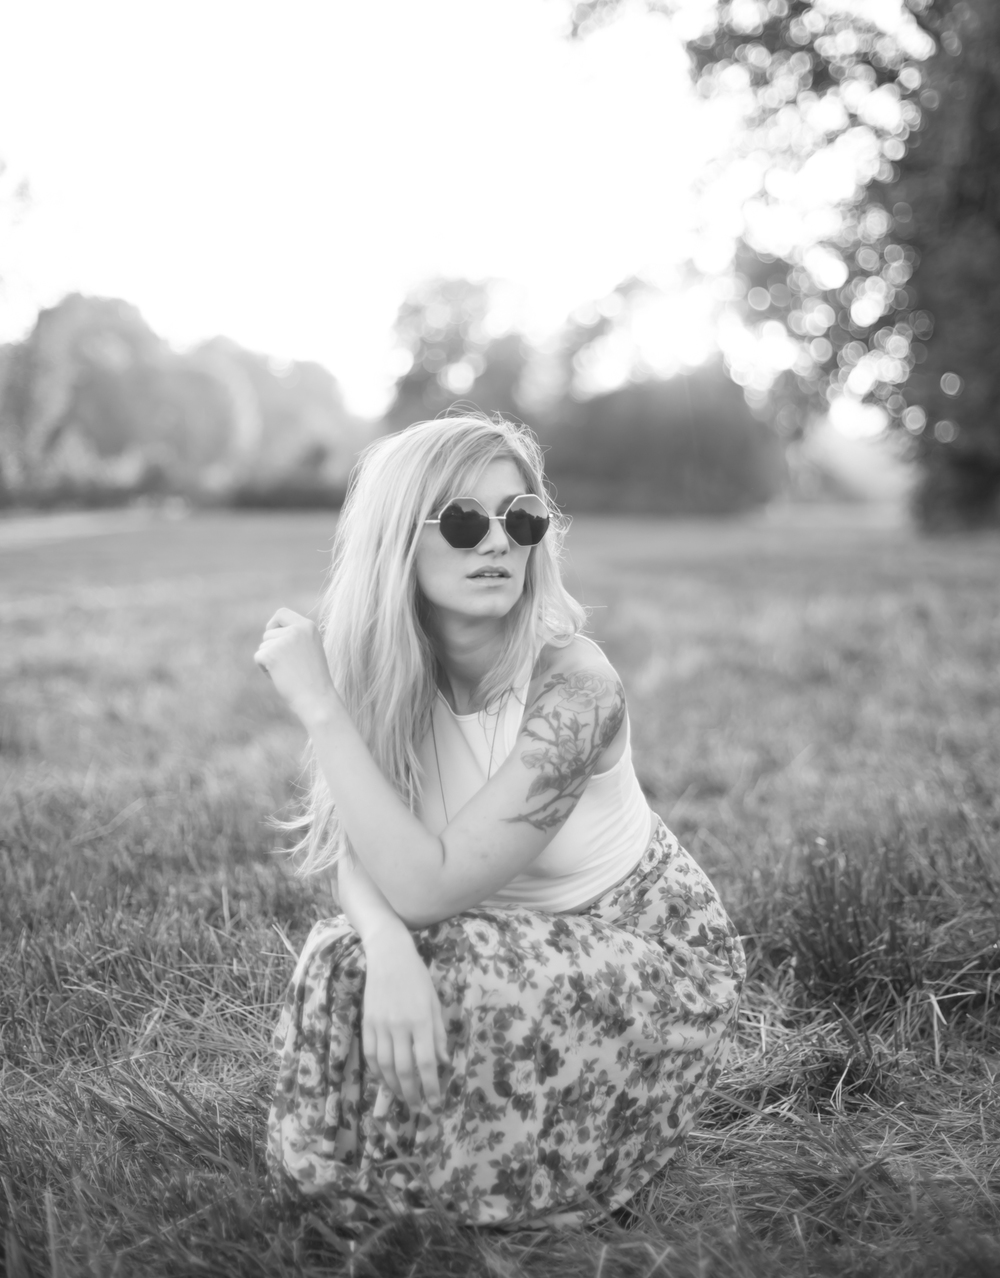 olivia_ashton_photography_ally13